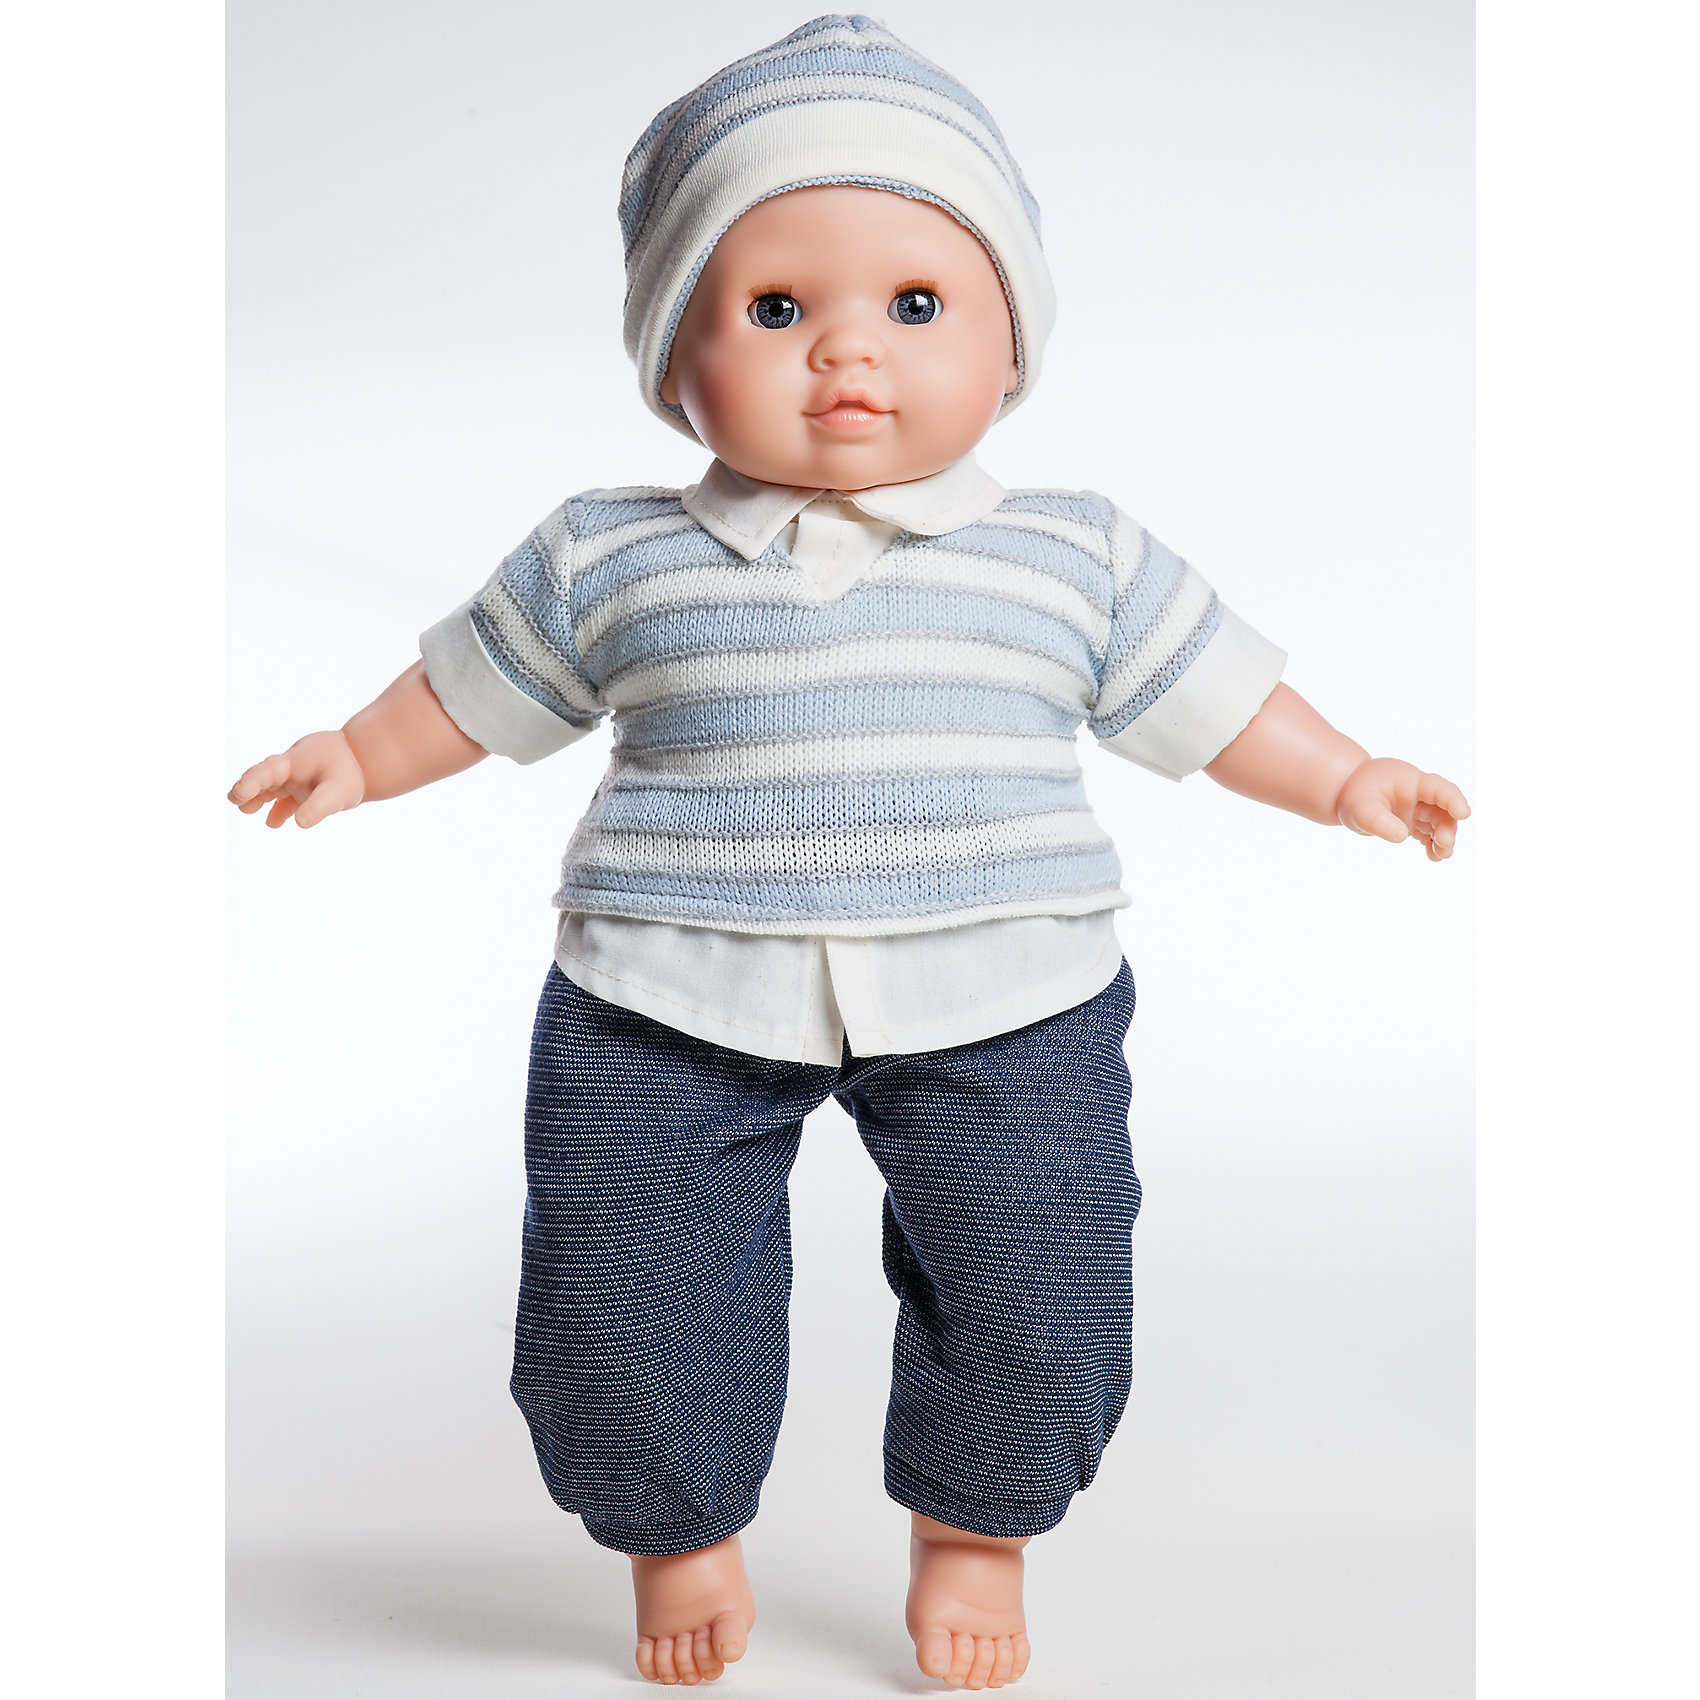 Кукла Ману, 36 см, Paola ReinaКукла изготовлена из винила; глаза выполнены в виде кристалла из прозрачного твердого пластика; волосы сделаны из высококачественного нейлона.<br><br>Ширина мм: 120<br>Глубина мм: 250<br>Высота мм: 420<br>Вес г: 1000<br>Возраст от месяцев: 36<br>Возраст до месяцев: 144<br>Пол: Женский<br>Возраст: Детский<br>SKU: 4966361